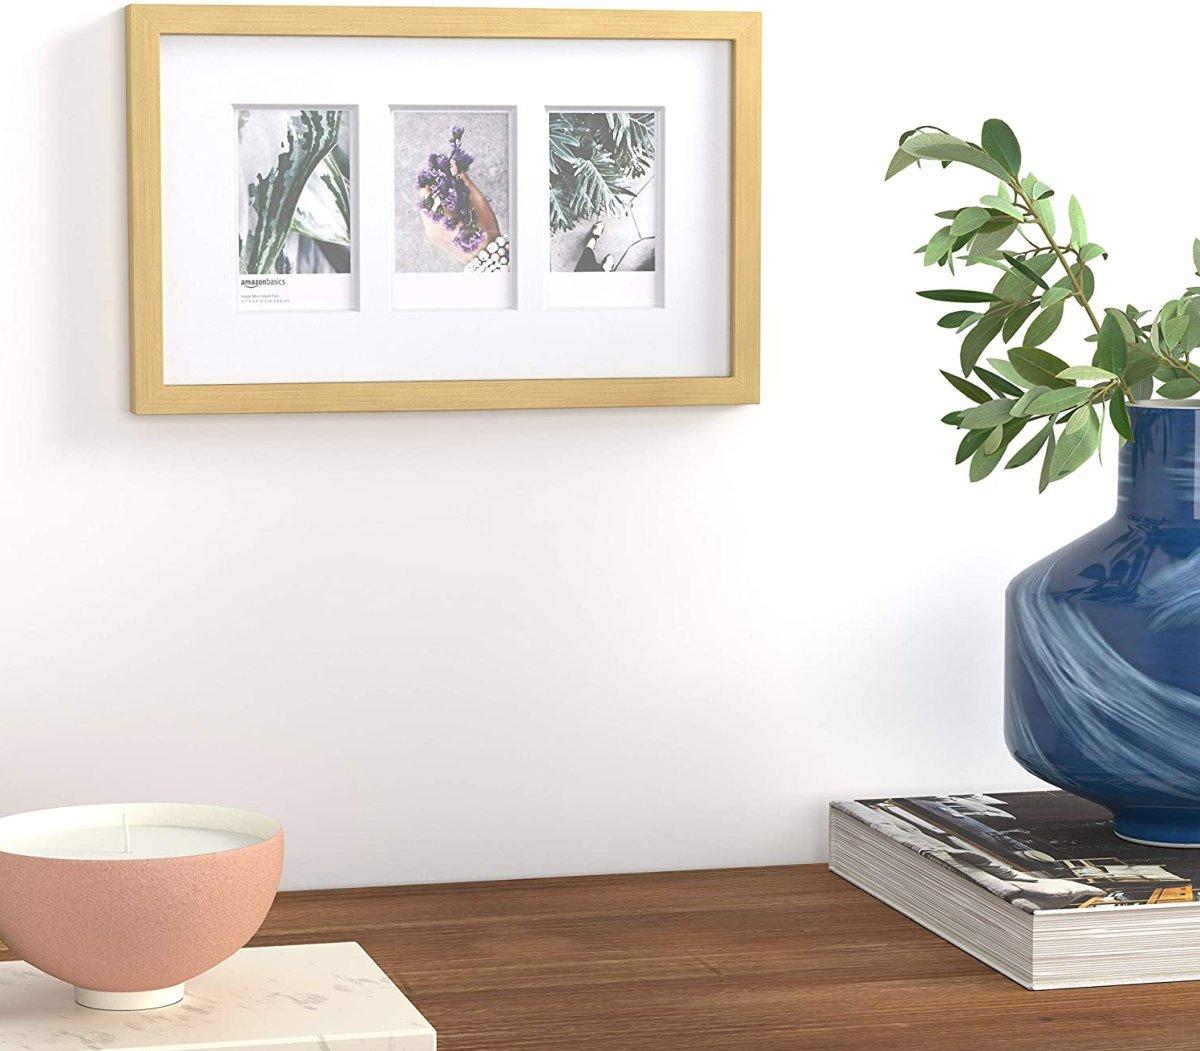 Le nostre foto moderne dietro vetro acrilico sono un modo originale per mettre in mostra un ricordo unico e immortalarlo nel tempo. Migliori Cornici Amazon Cornici Di Design Per Foto E Quadri 123 Design